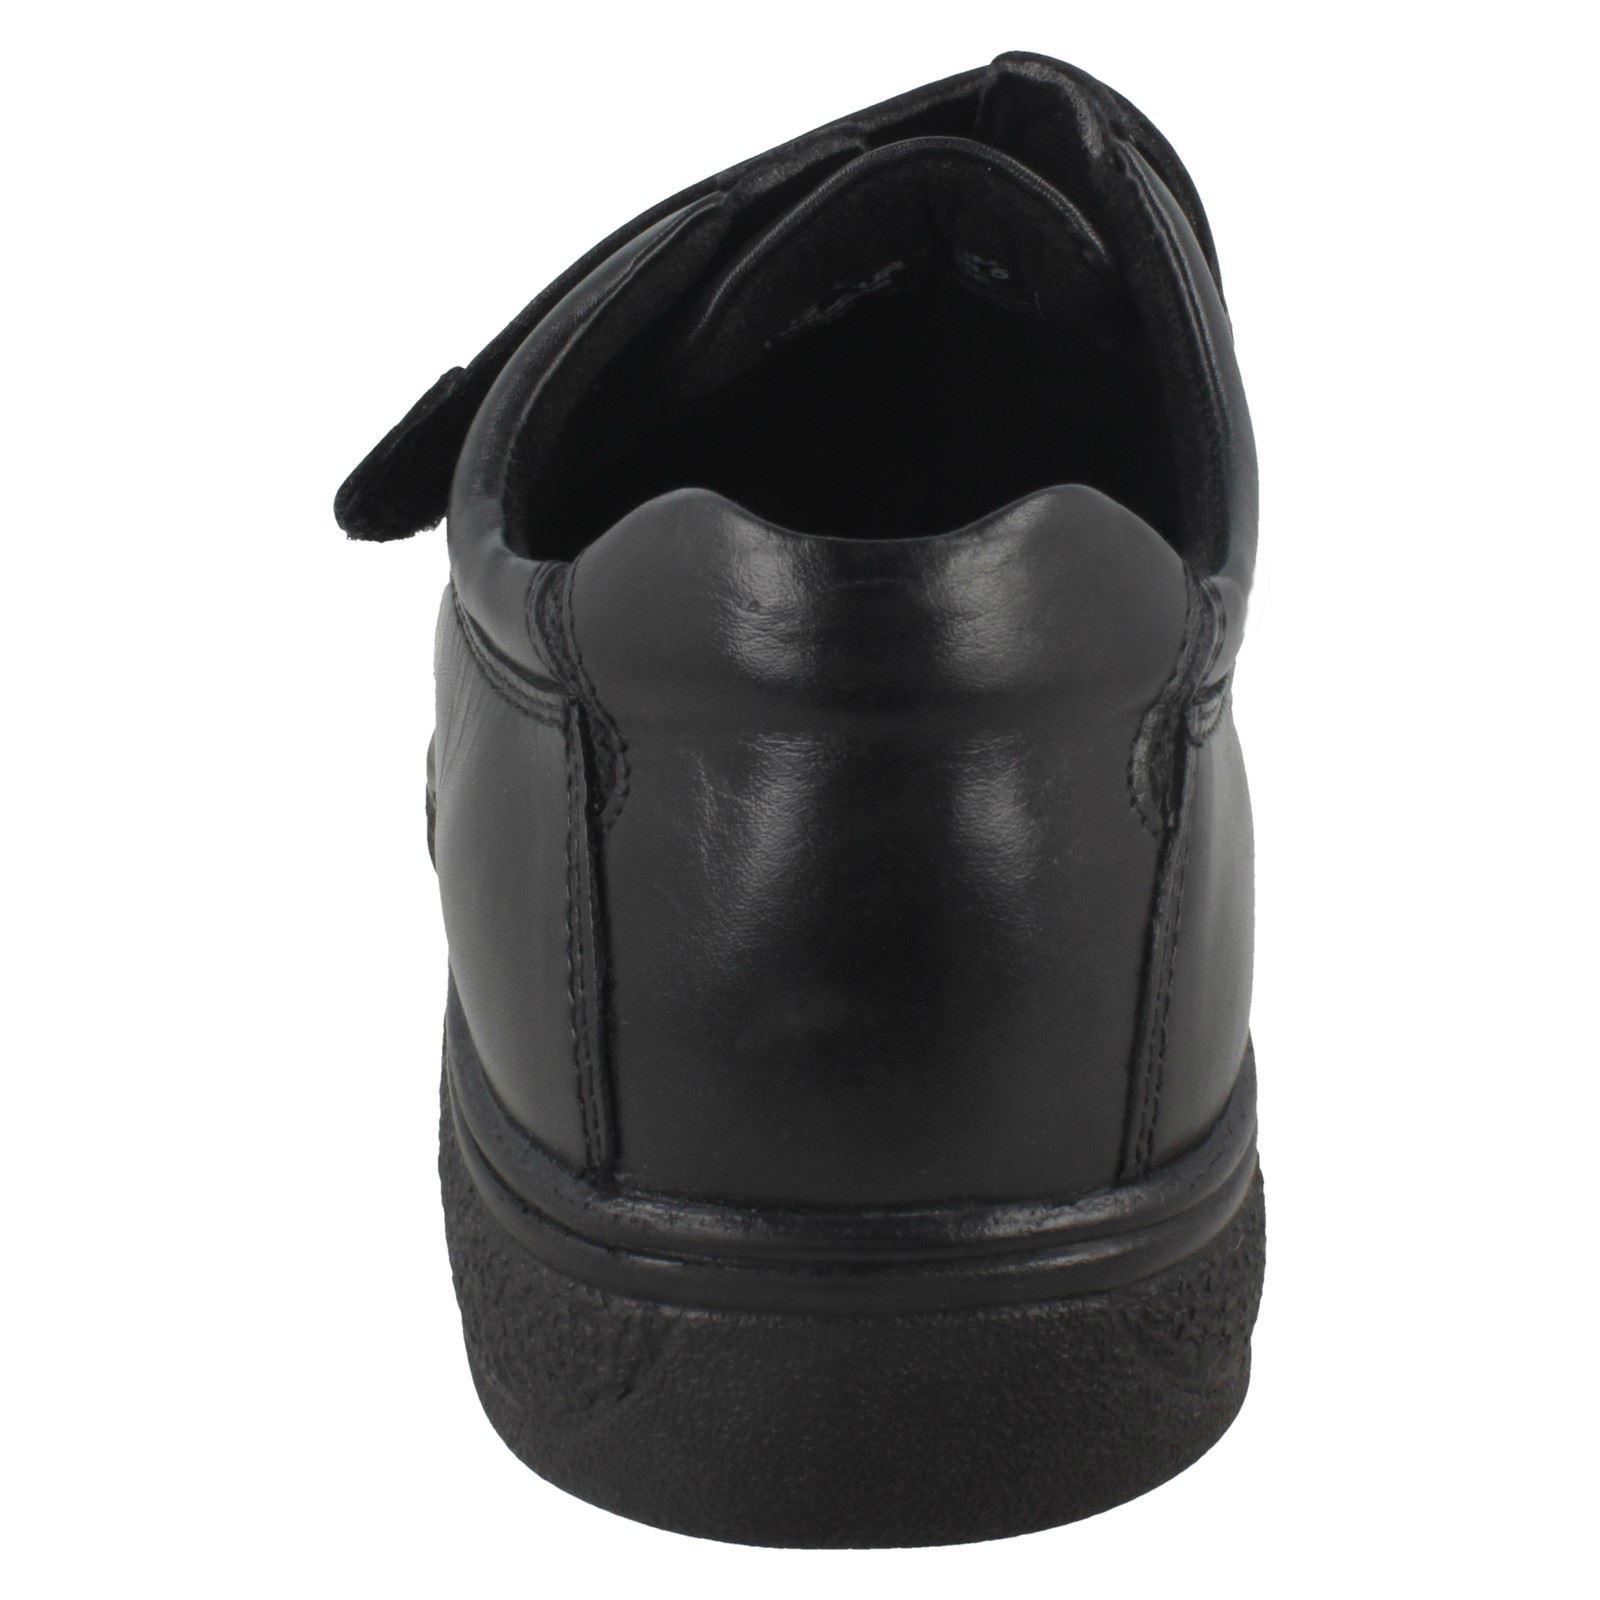 Chaussures Chaussures Chaussures Chaussures Chaussures fgqFzxw